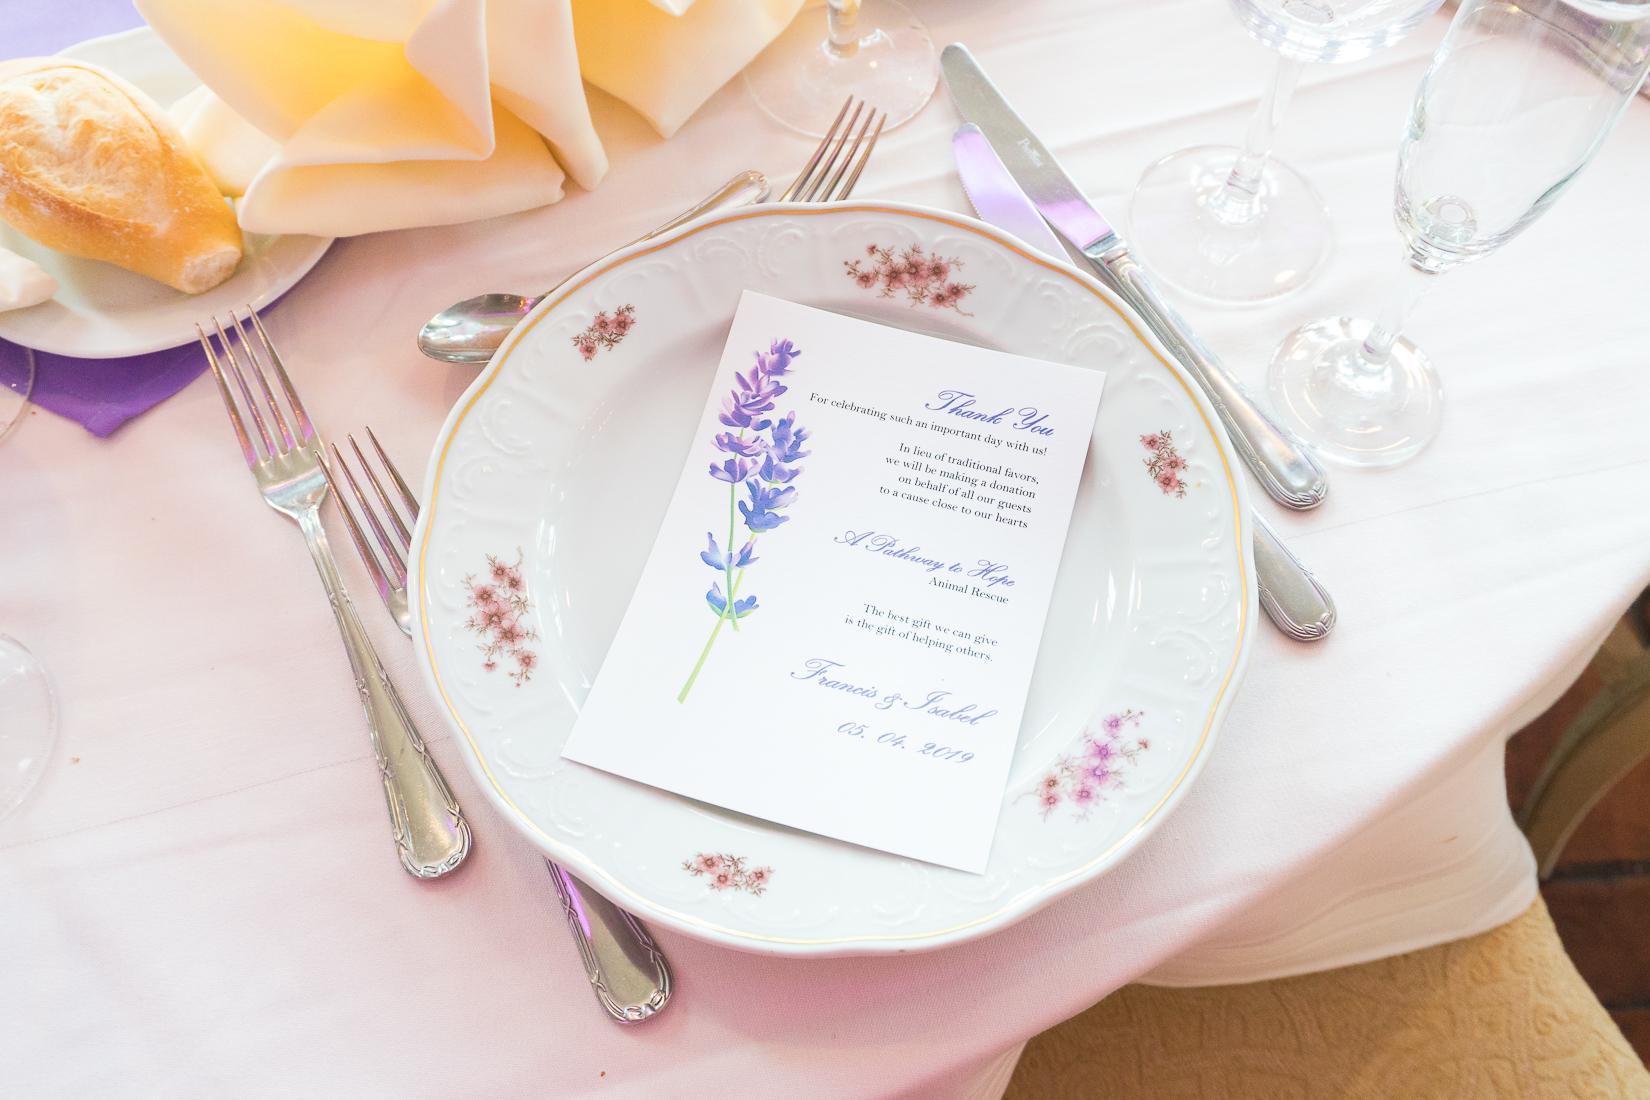 Manor-SouthOrange-NJ-wedding-0026.jpg